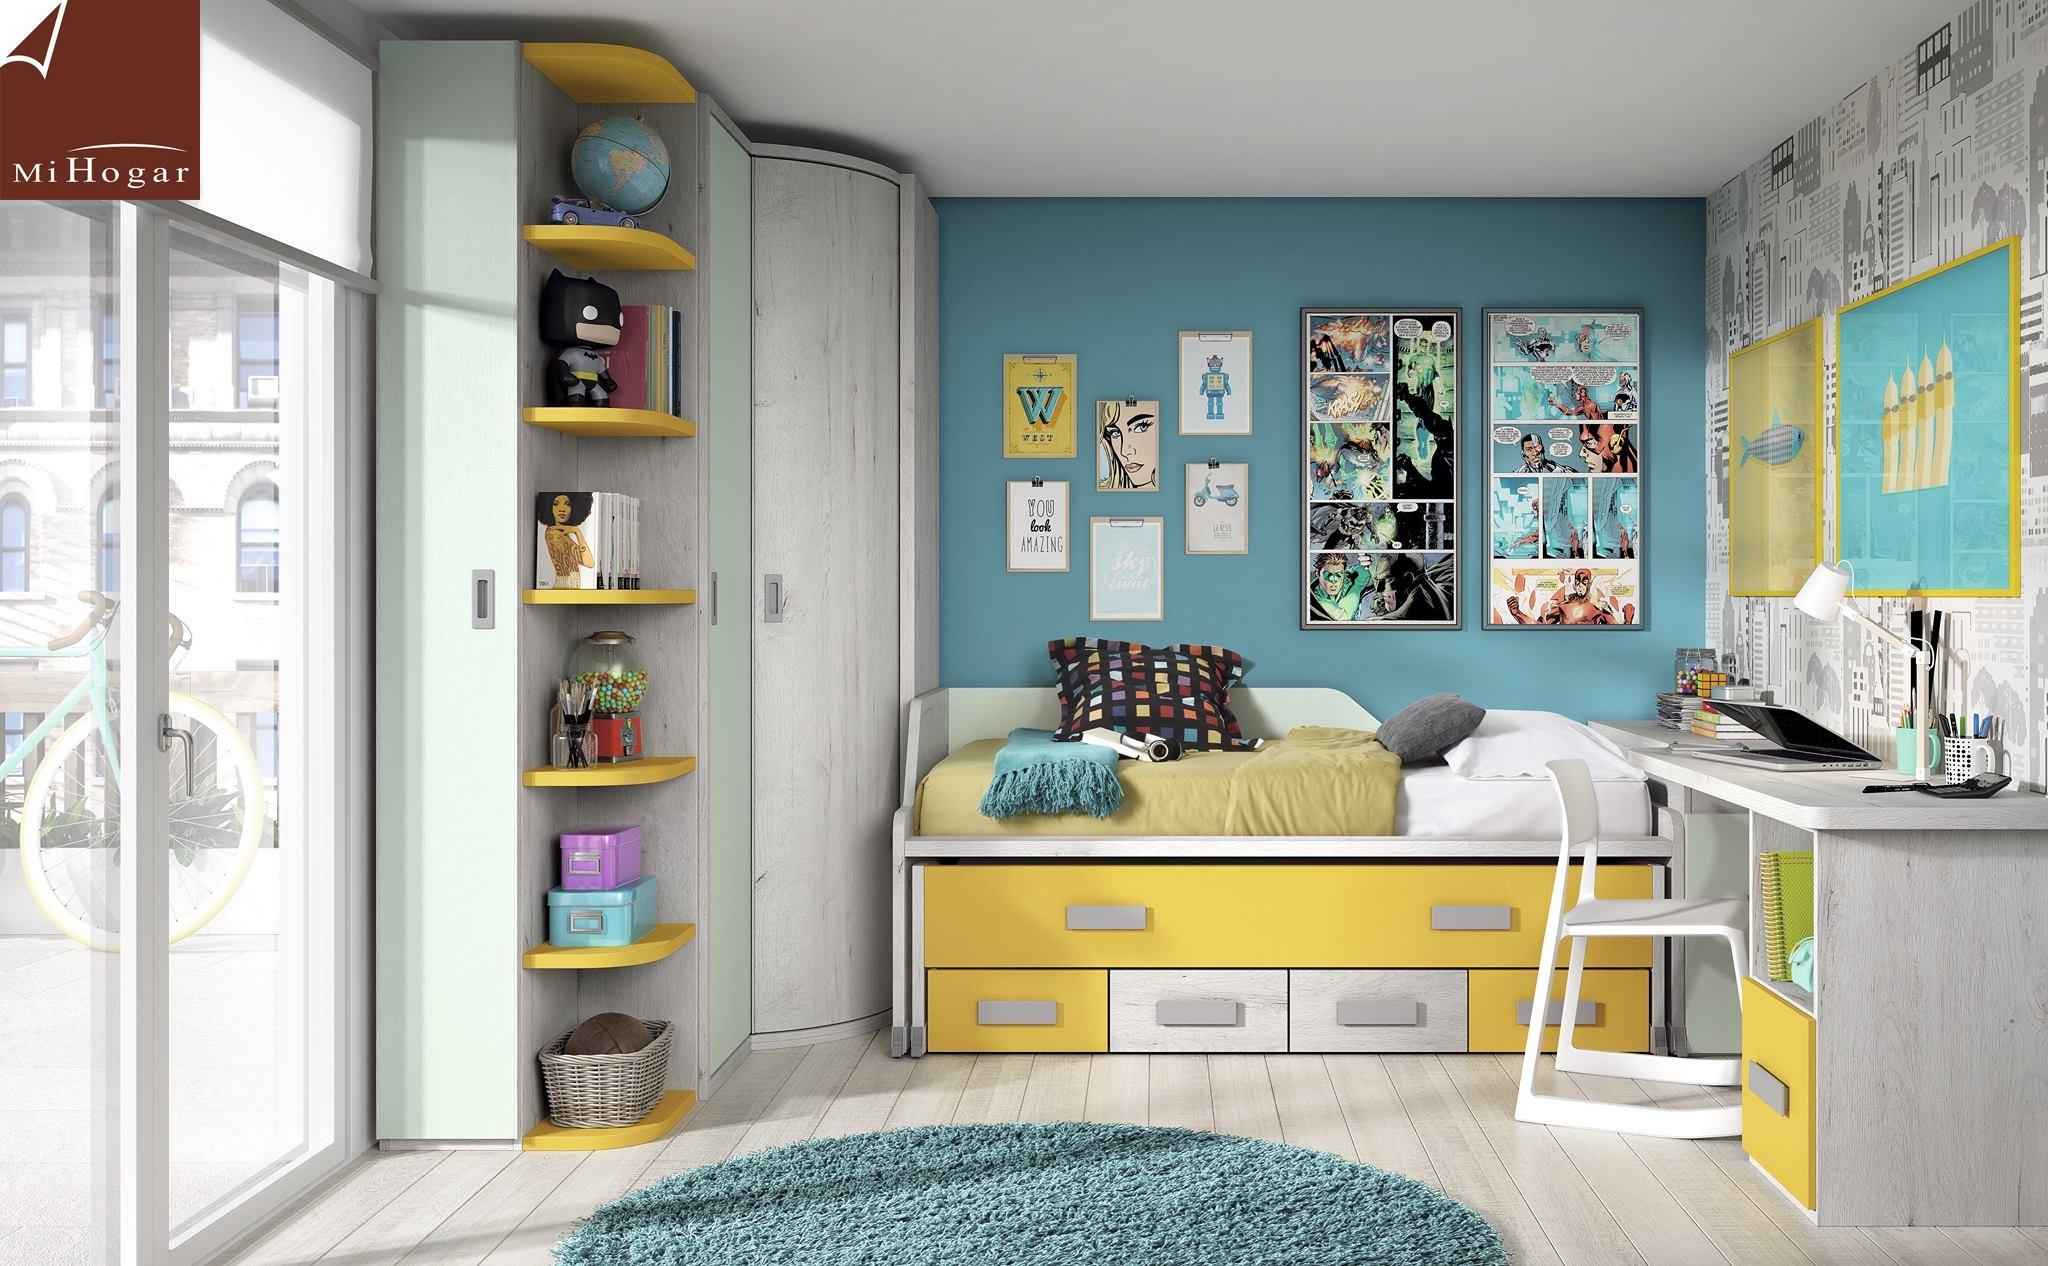 Armario rinc n puertas correderas mox muebles mi hogar for Habitaciones juveniles cama 105